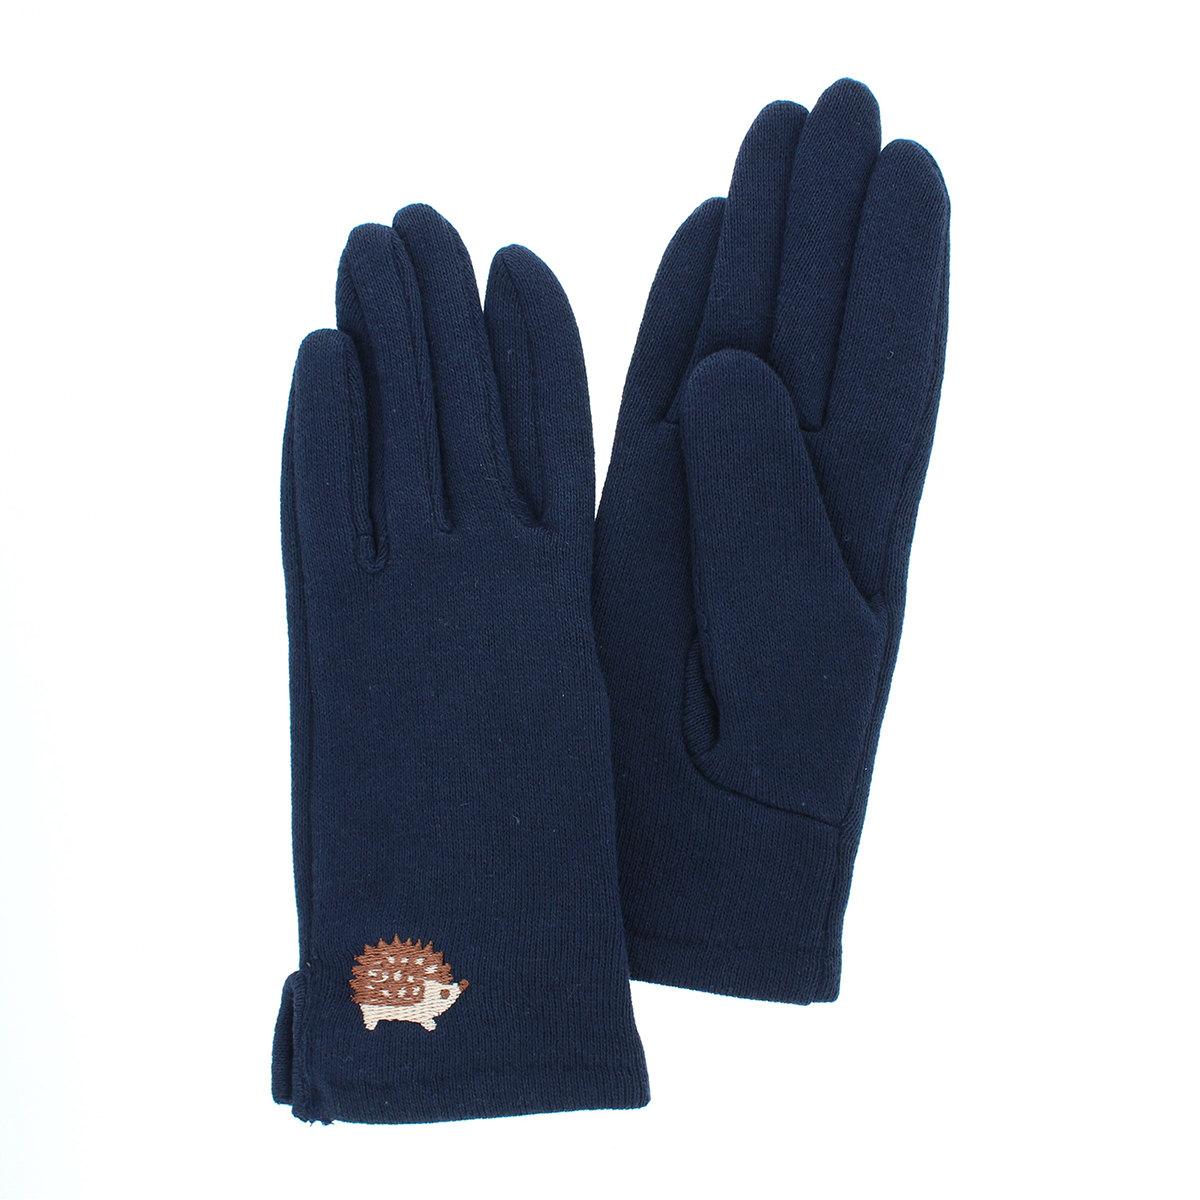 【送料無料】 通学 通園を安全に 手袋 柚子加工 抗菌 接触感染予防 綿100%  五本指手袋  ショート丈 2サイズ 低学年から11歳まで